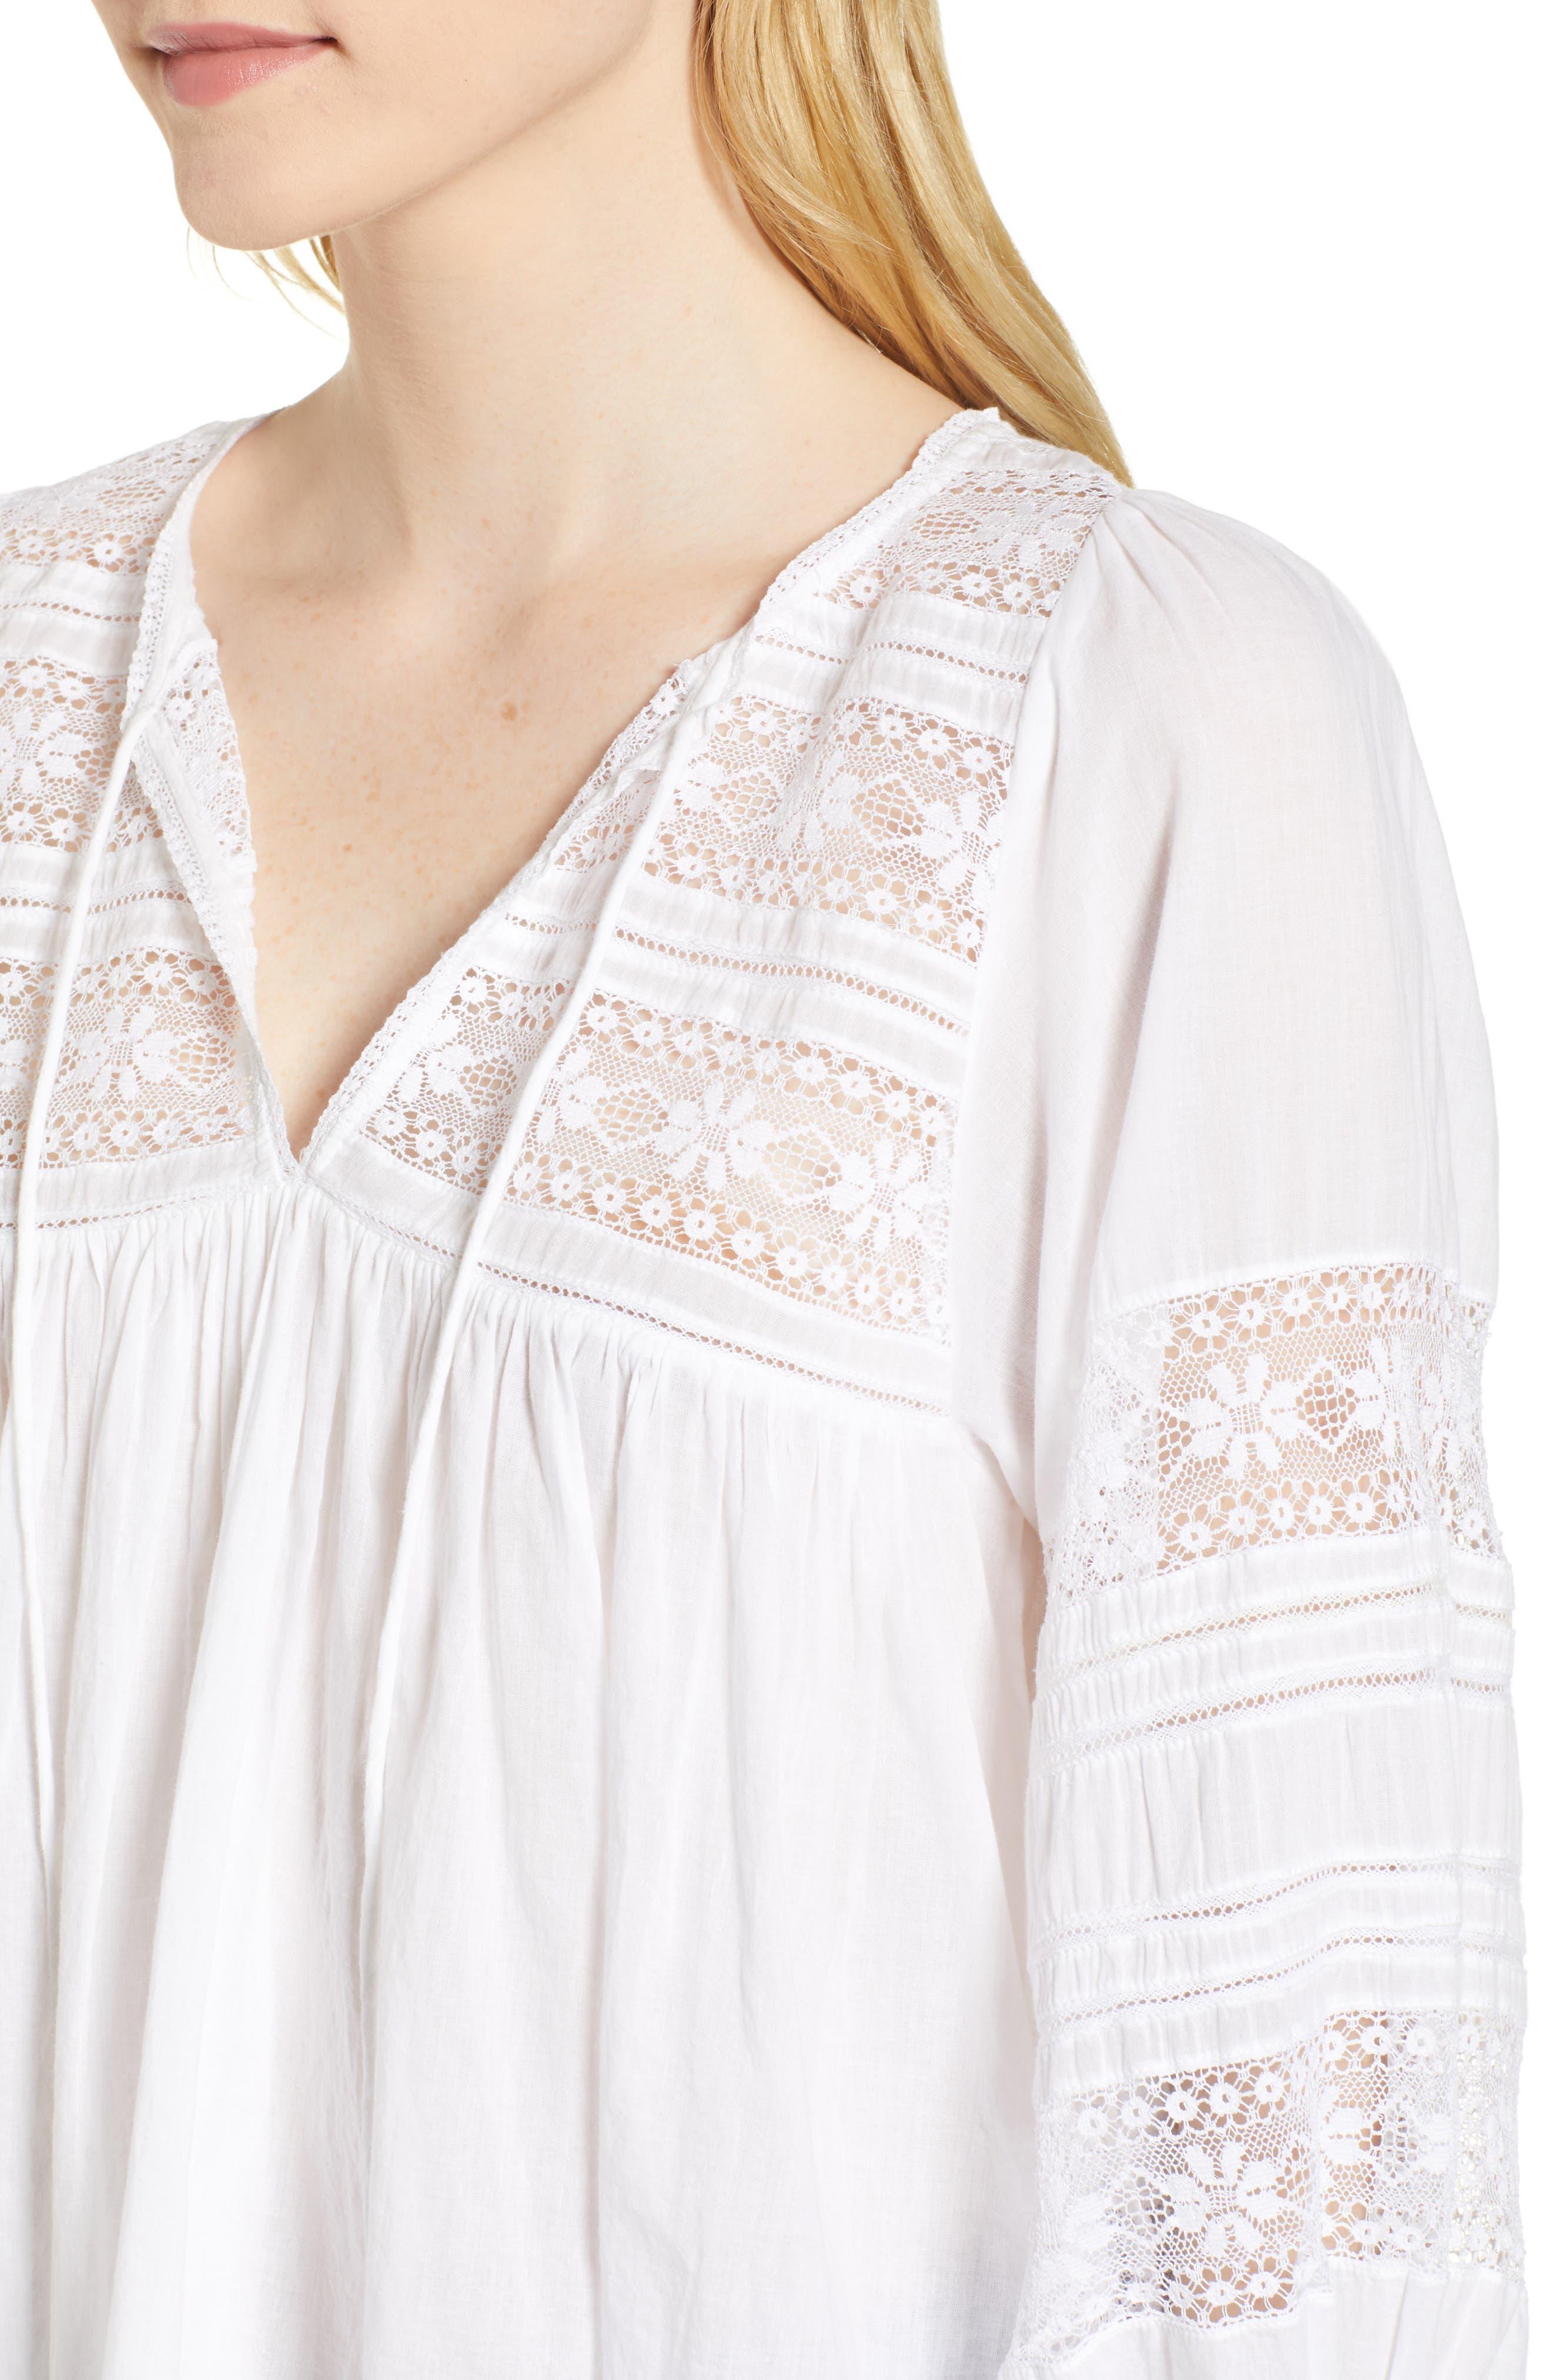 Cotton Lace Peasant Blouse,                             Alternate thumbnail 4, color,                             White